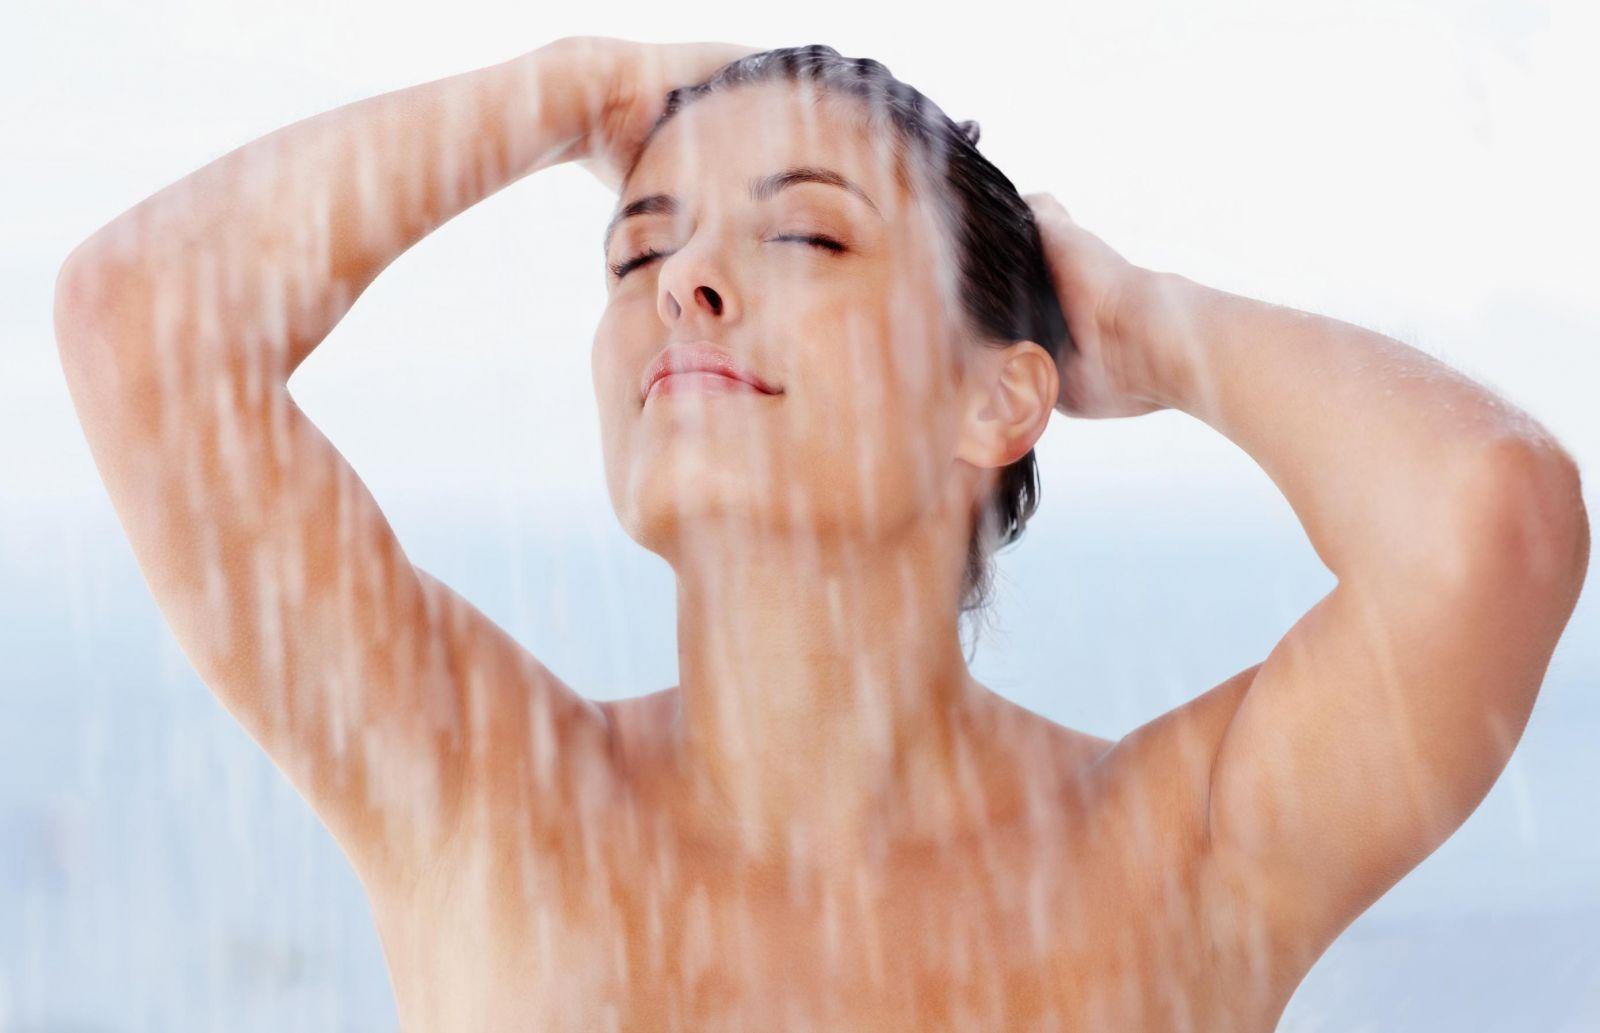 Найпоширеніша помилка, яку ви припускаєте, коли миєте голову